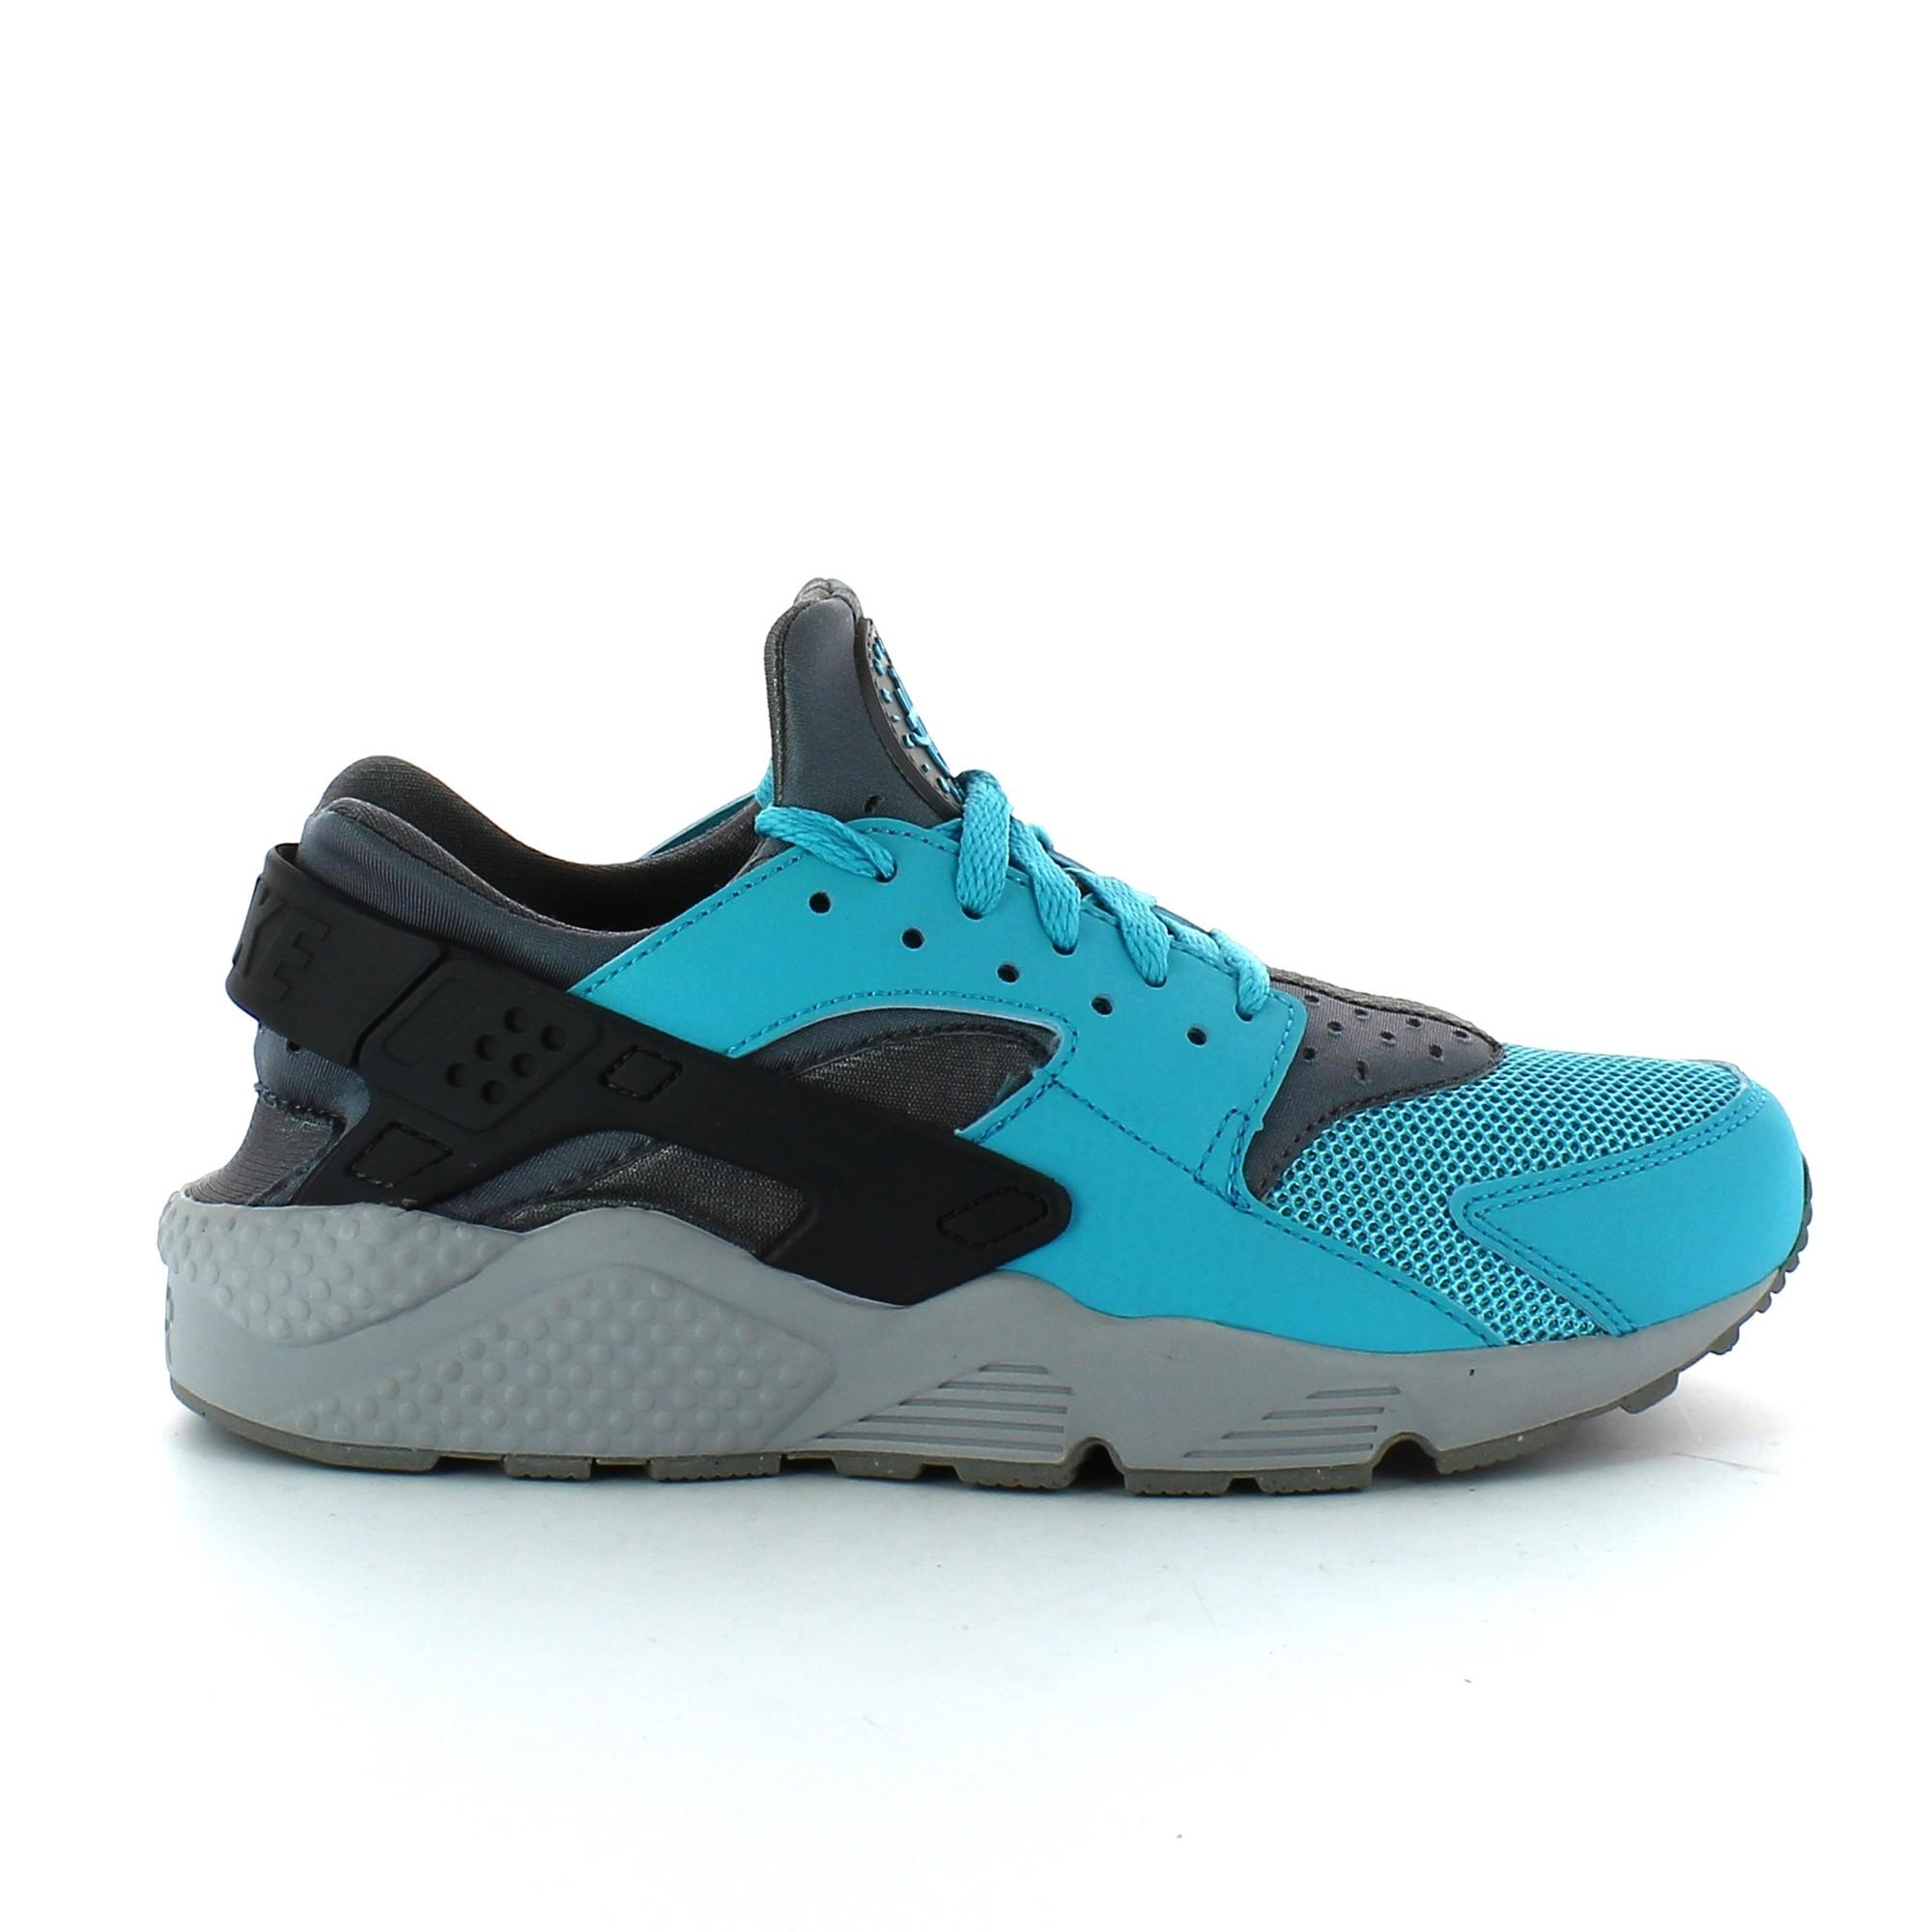 Gris Huarache Air Hombre Zapatillas Azul Nike Deportes Moya mNn80w